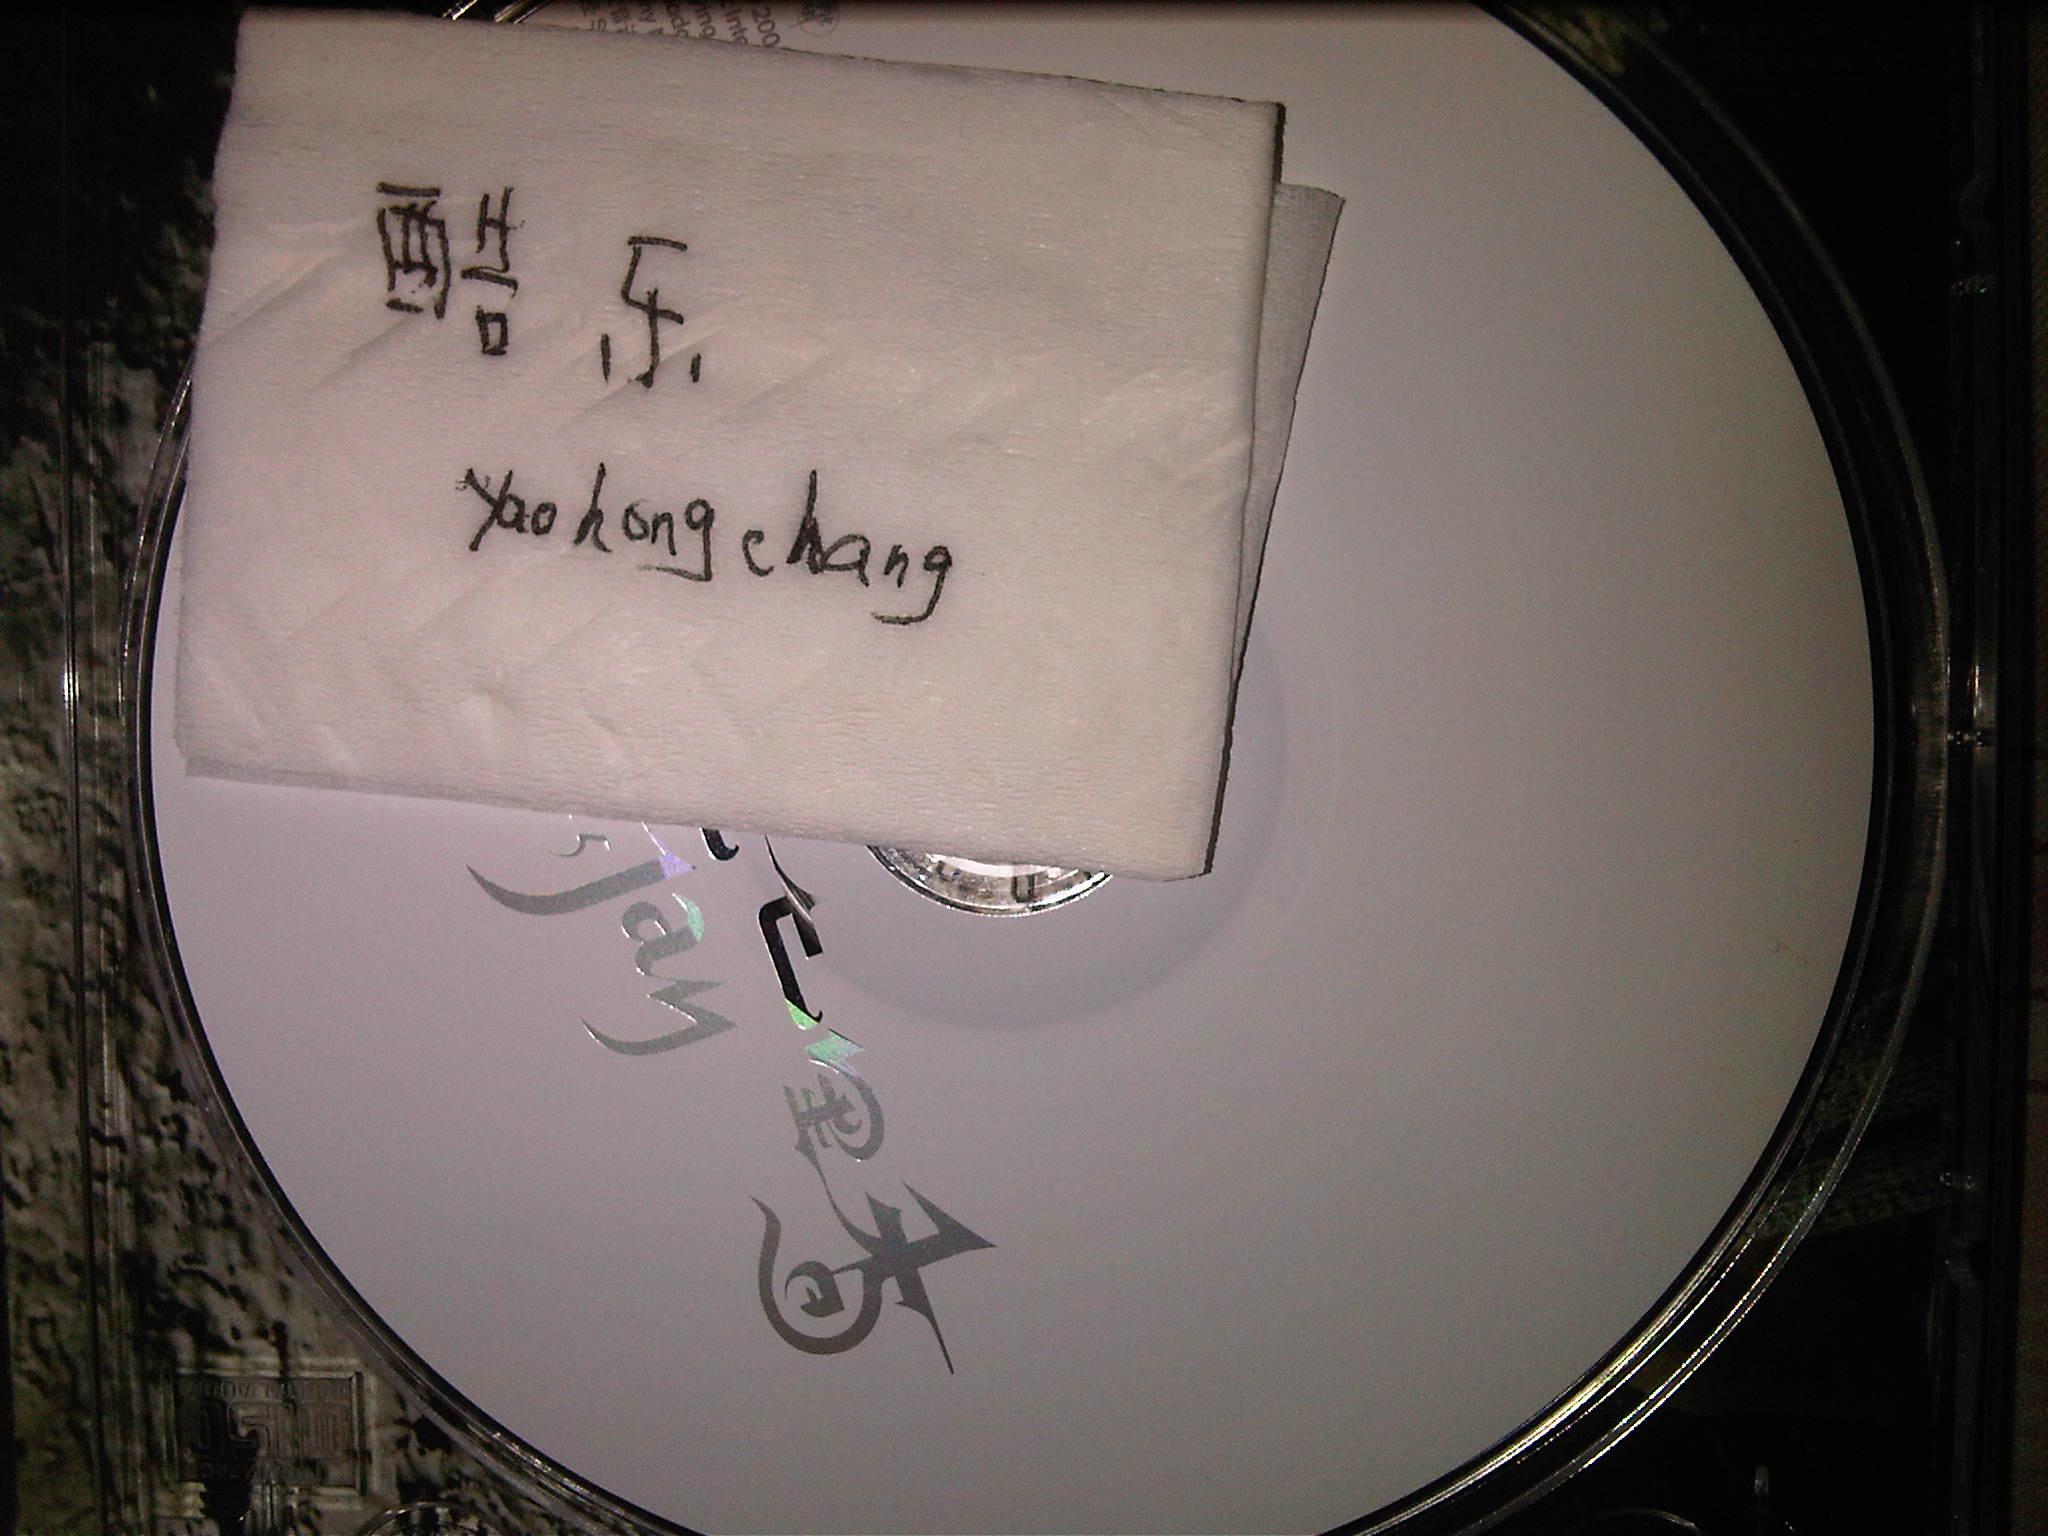 周杰伦 七里香 2004.8.3 CD镜像 bin cue 417MB 百度网盘图片